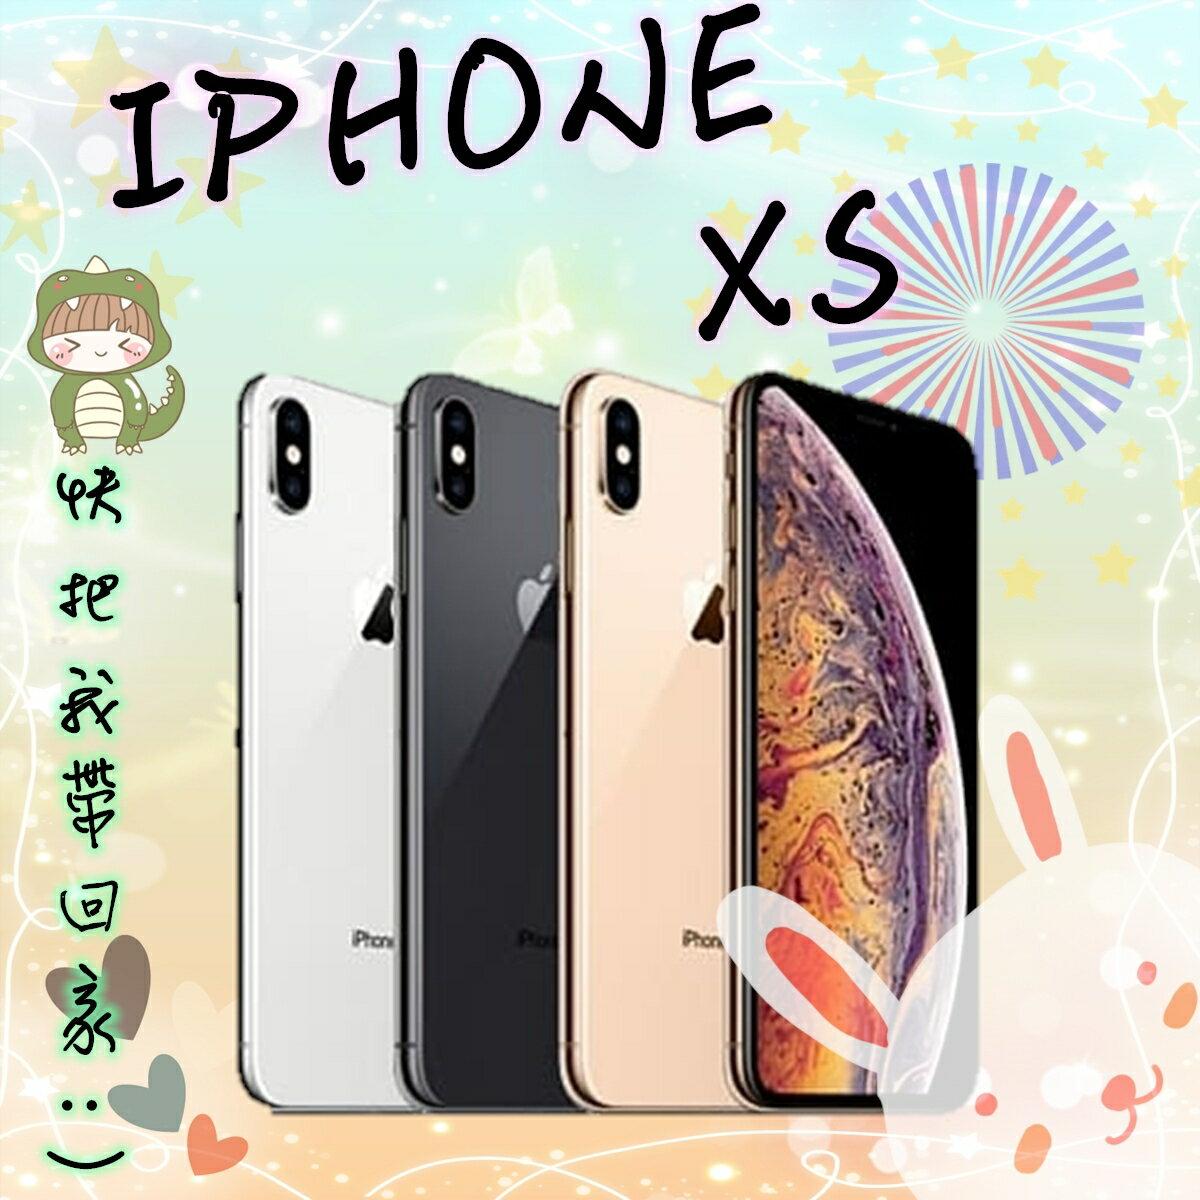 iPhone Xs 64G 5.8吋 Apple 隔天到貨 全新未拆公司貨 原廠保固一年